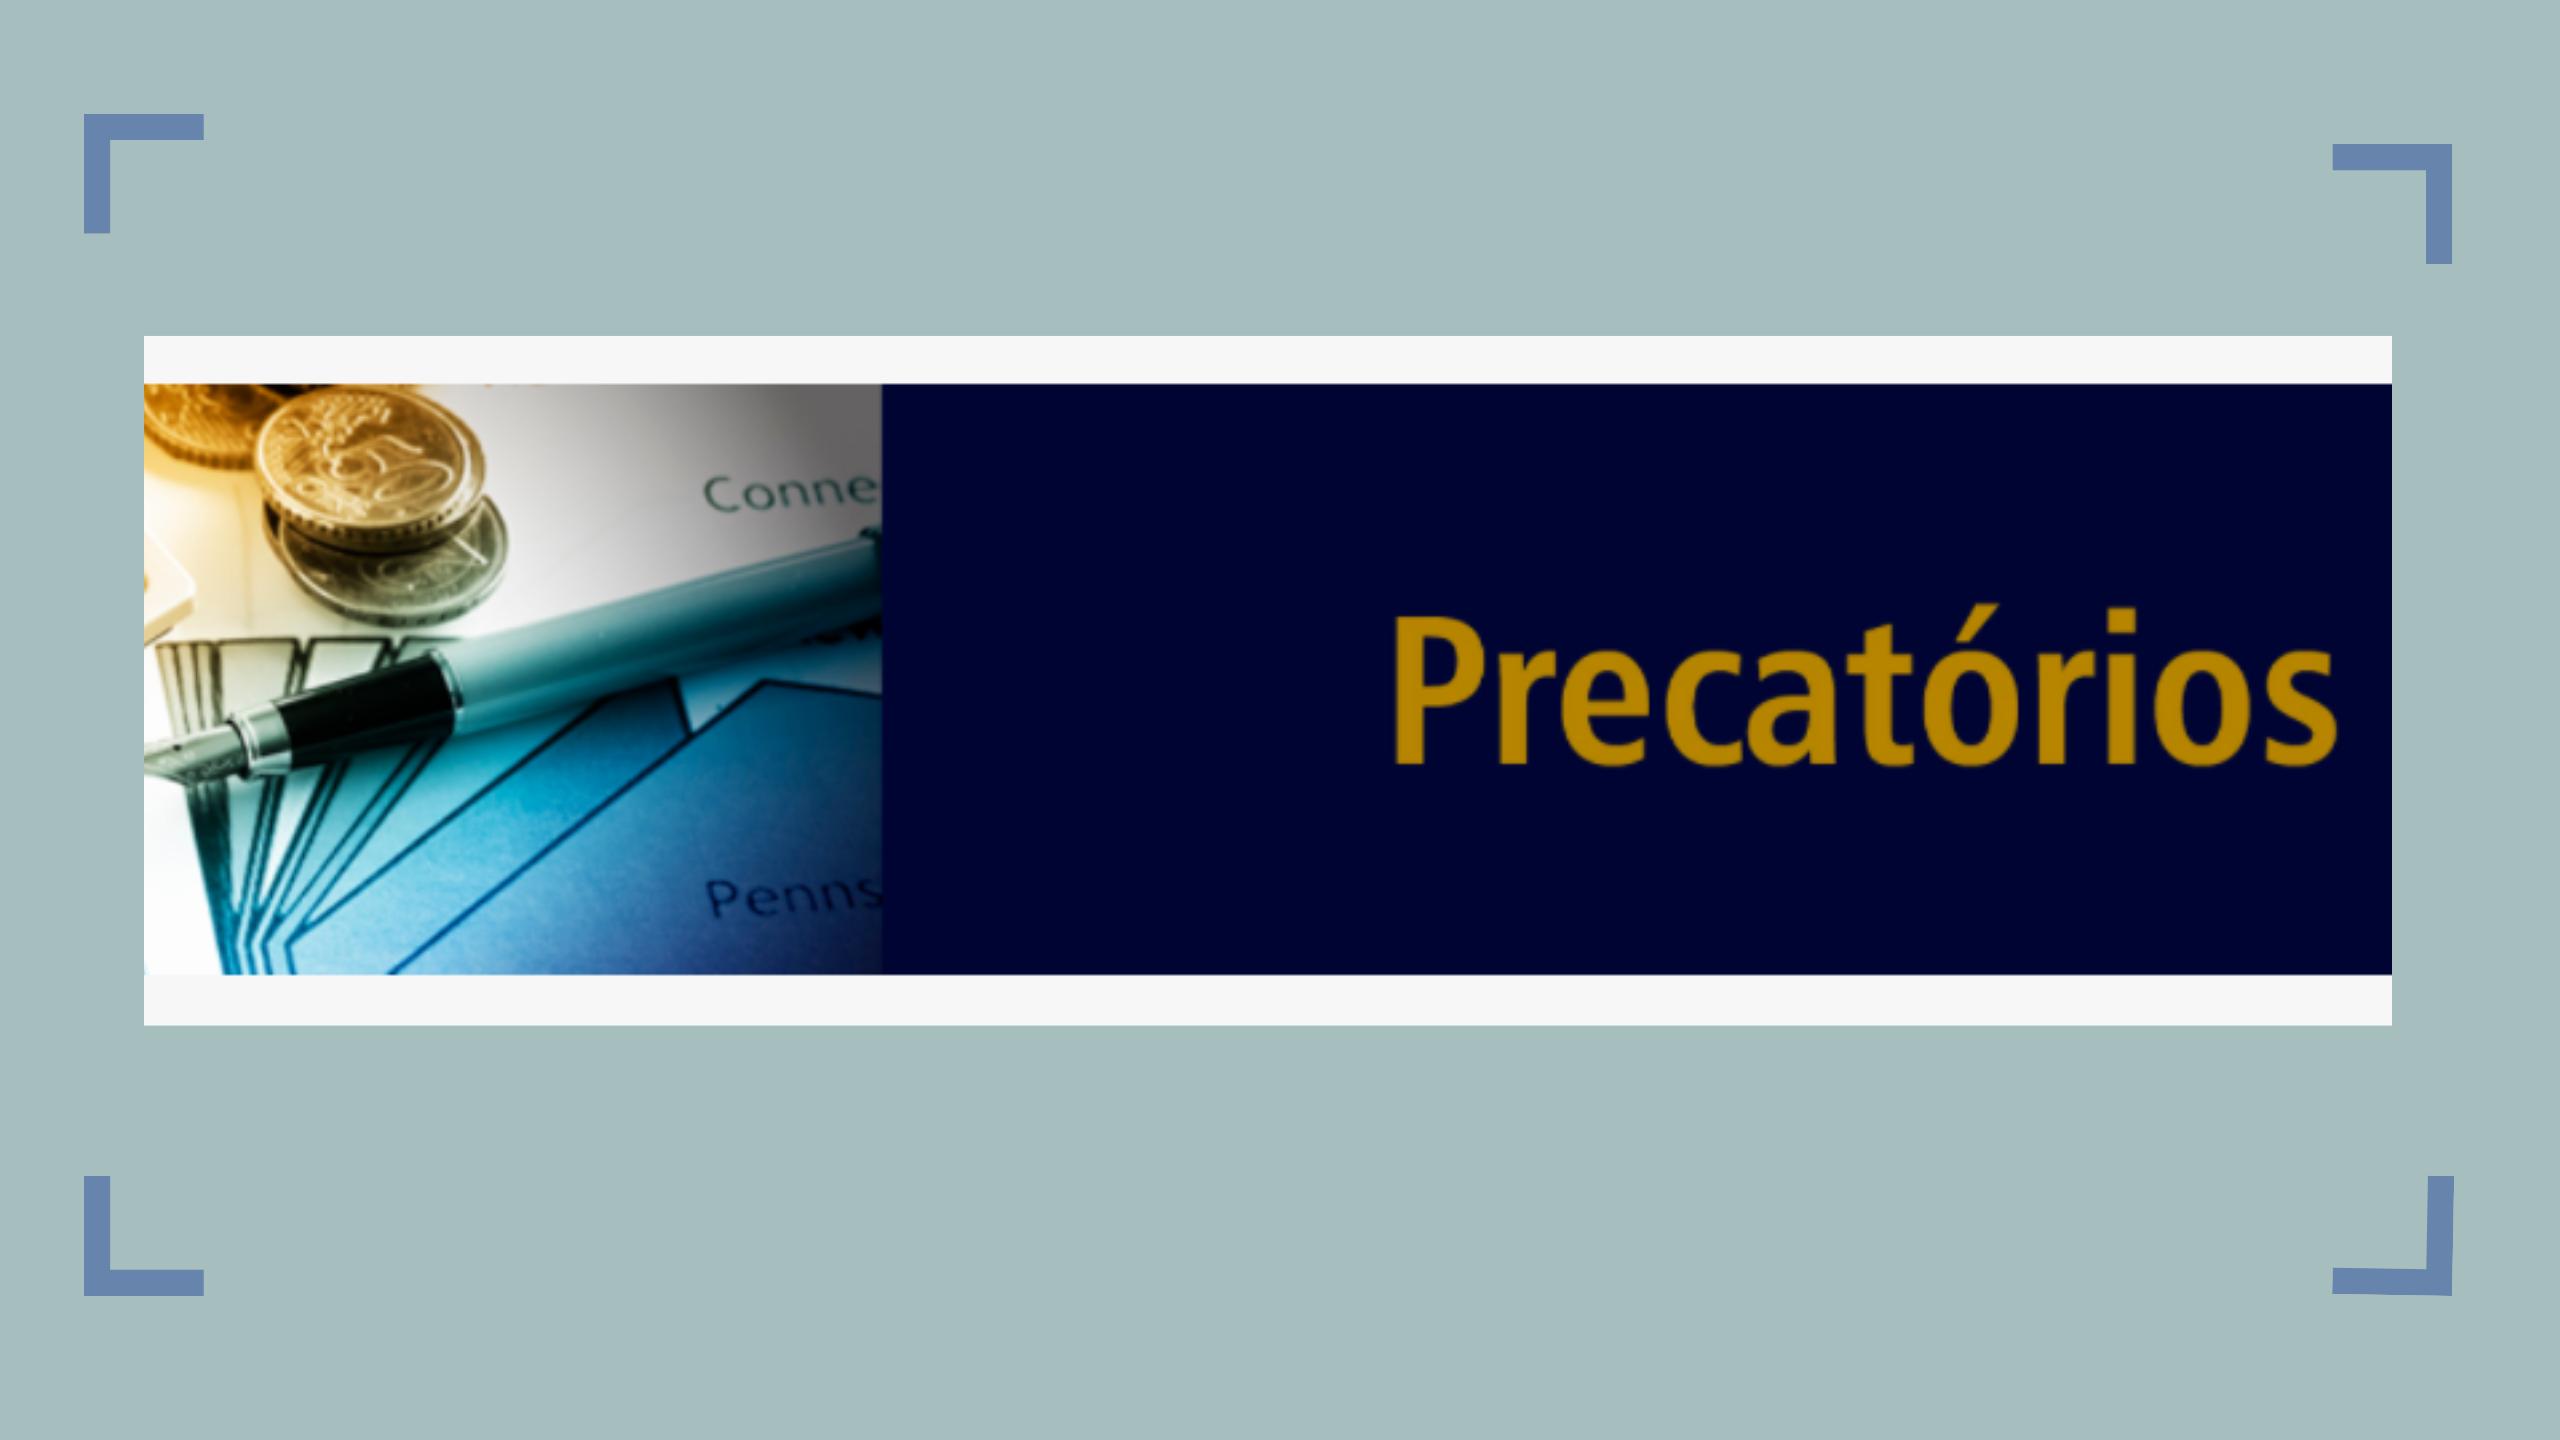 Conciliação de Precatórios: TJMG publica Edital 01 em 09/11/20